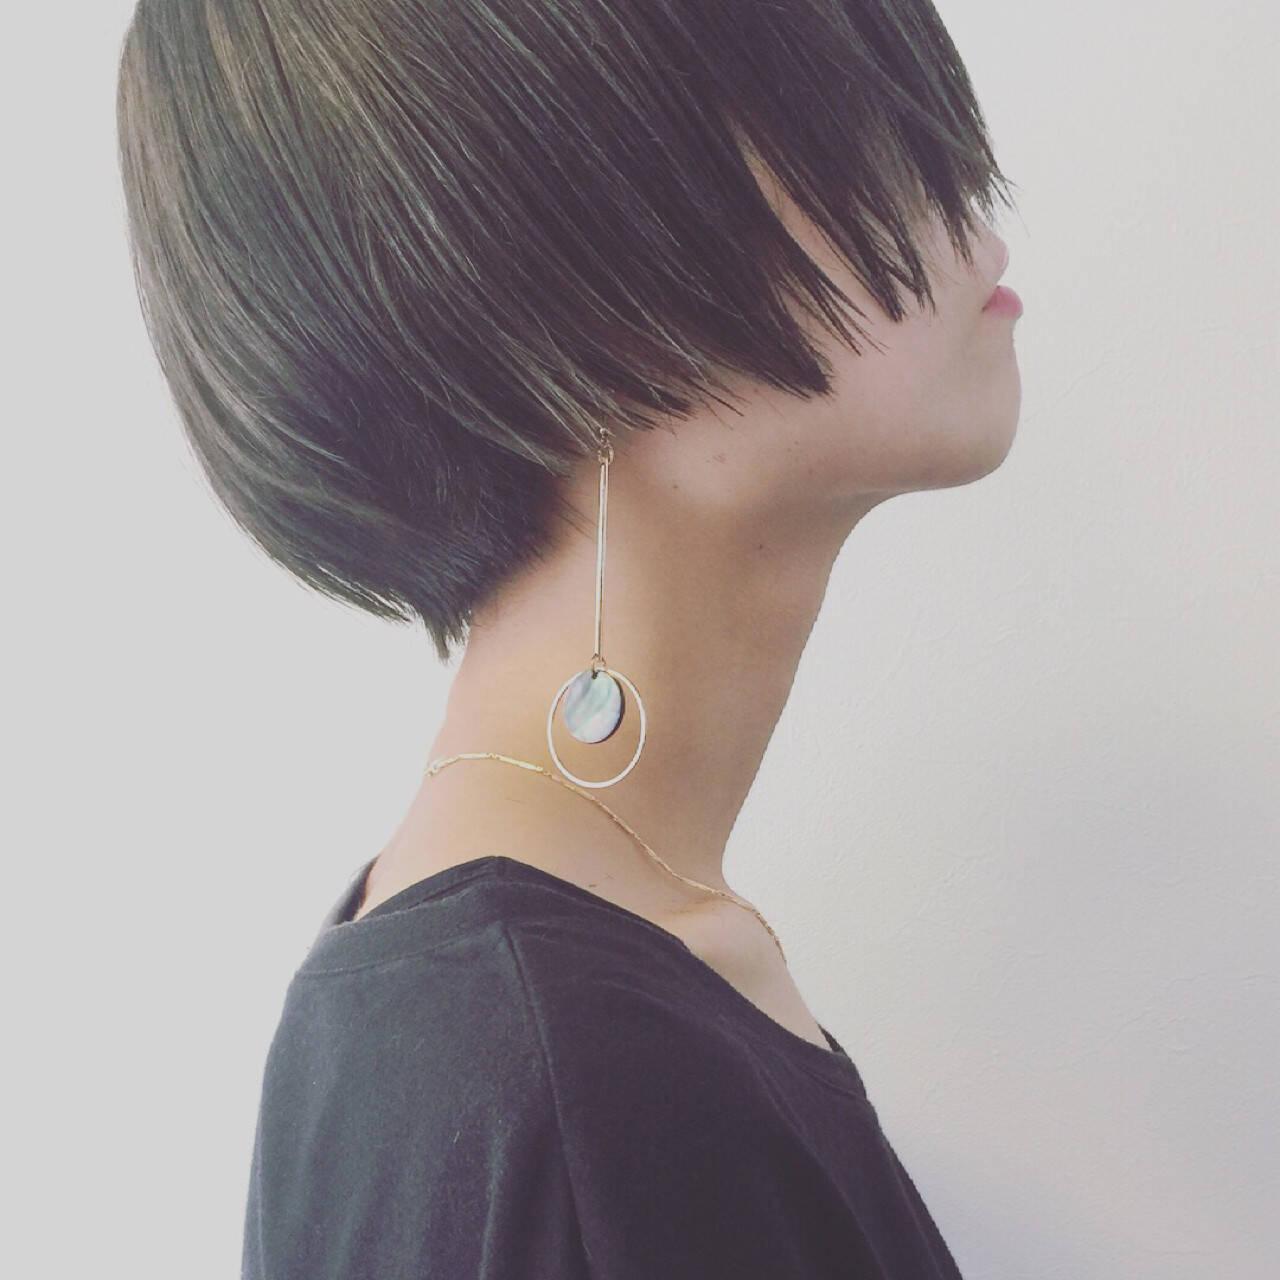 かっこいい こなれ感 ショート ハイライトヘアスタイルや髪型の写真・画像